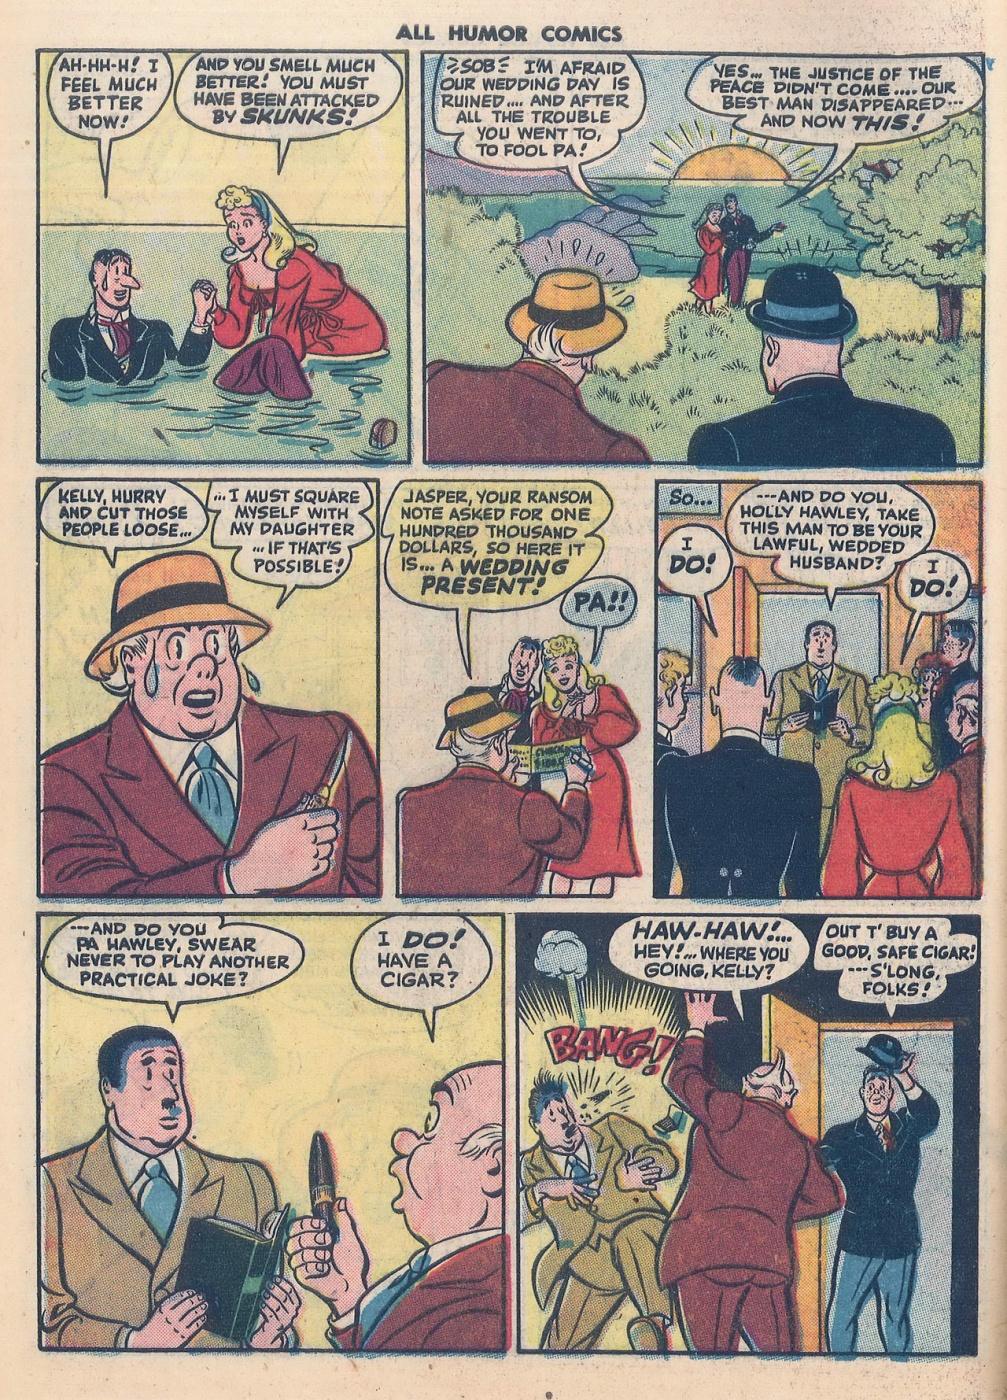 All-Humor-Comics d (14)